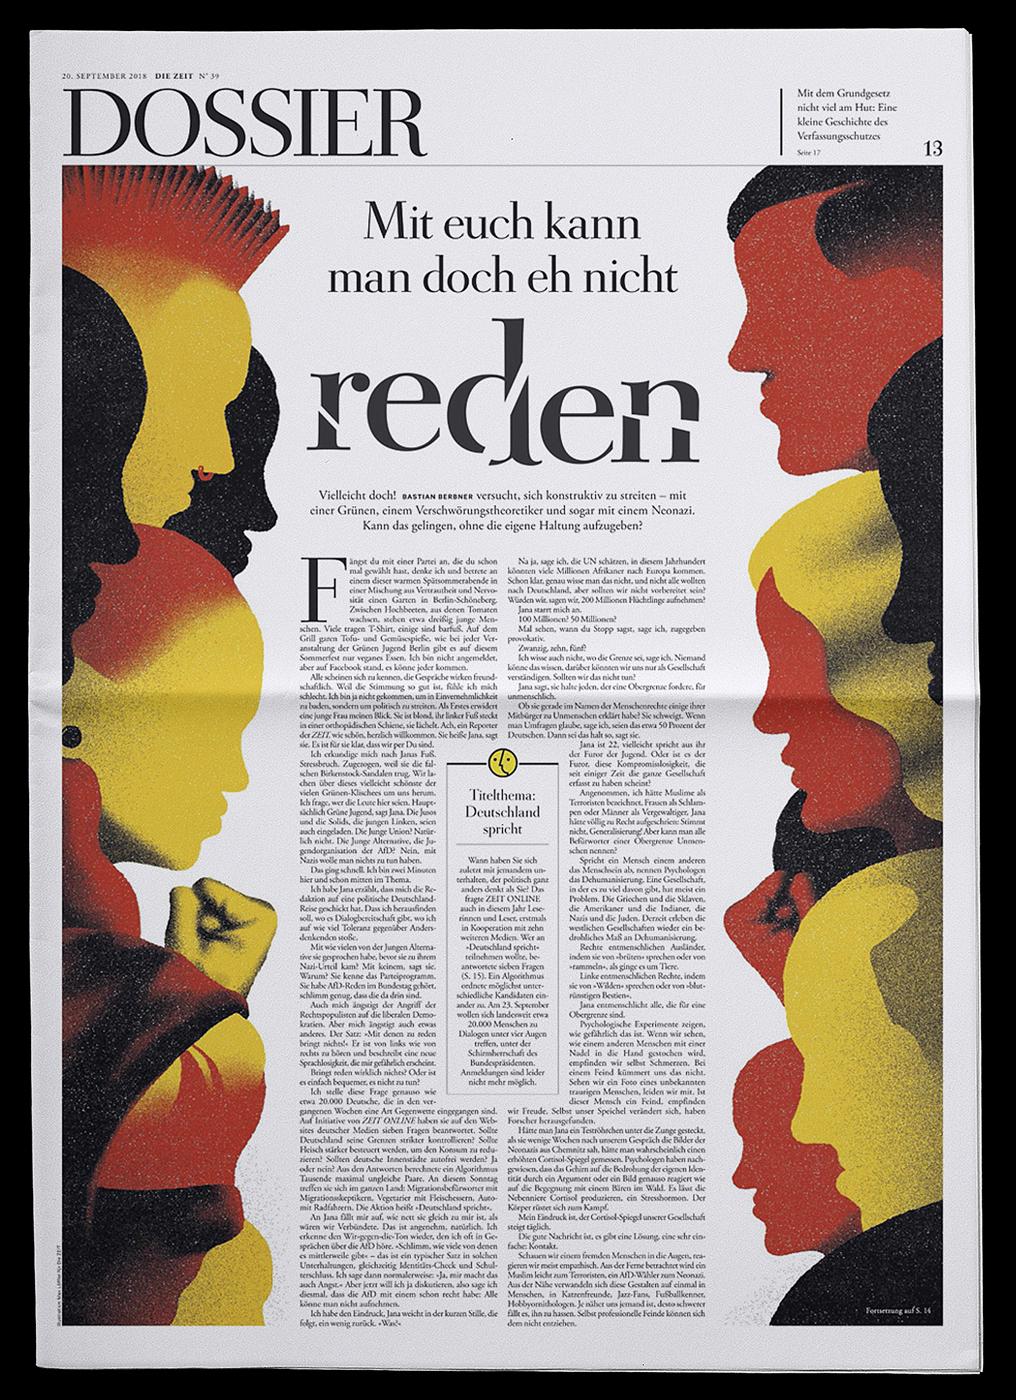 DIE ZEIT Dossier Cover